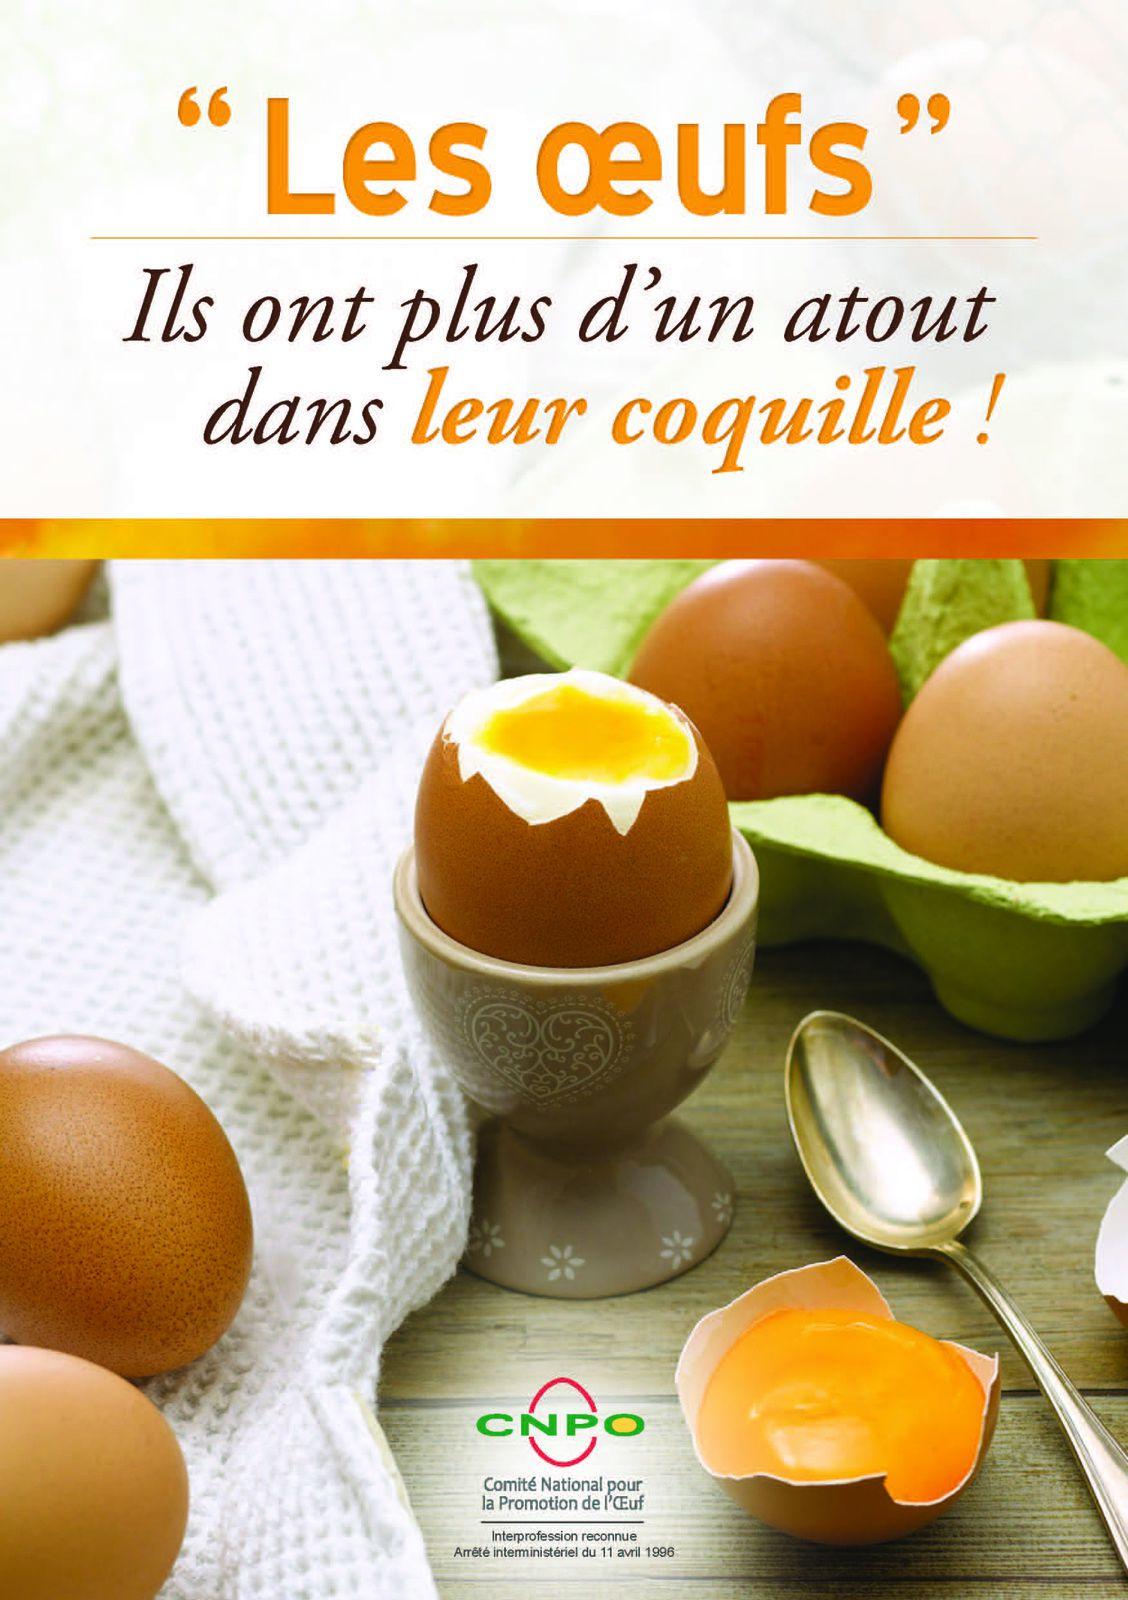 Nouveau : un livret interactif pour tout savoir sur les œufs !